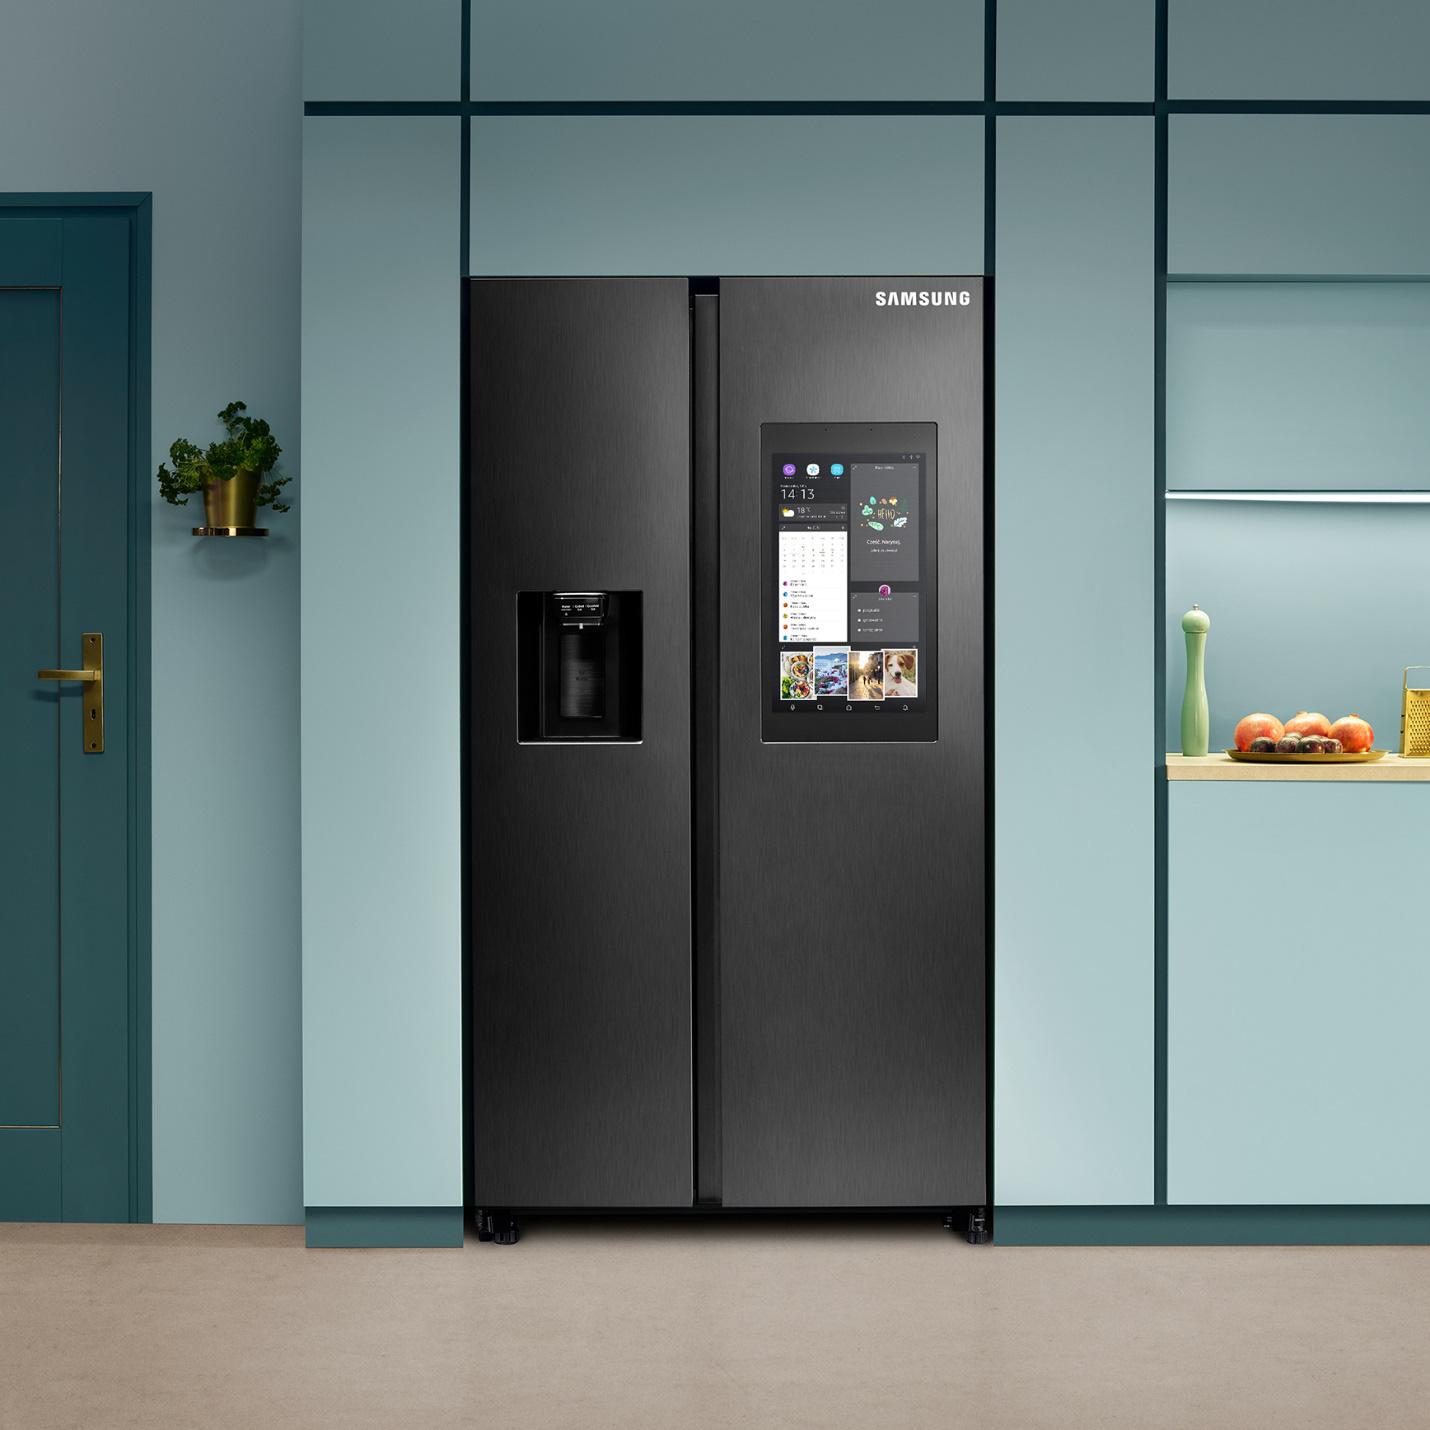 """Tuyệt kỹ chăm người yêu thời 4.0 bằng chiếc tủ lạnh """"siêu cấp to cao 1m78"""" - Ảnh 1."""